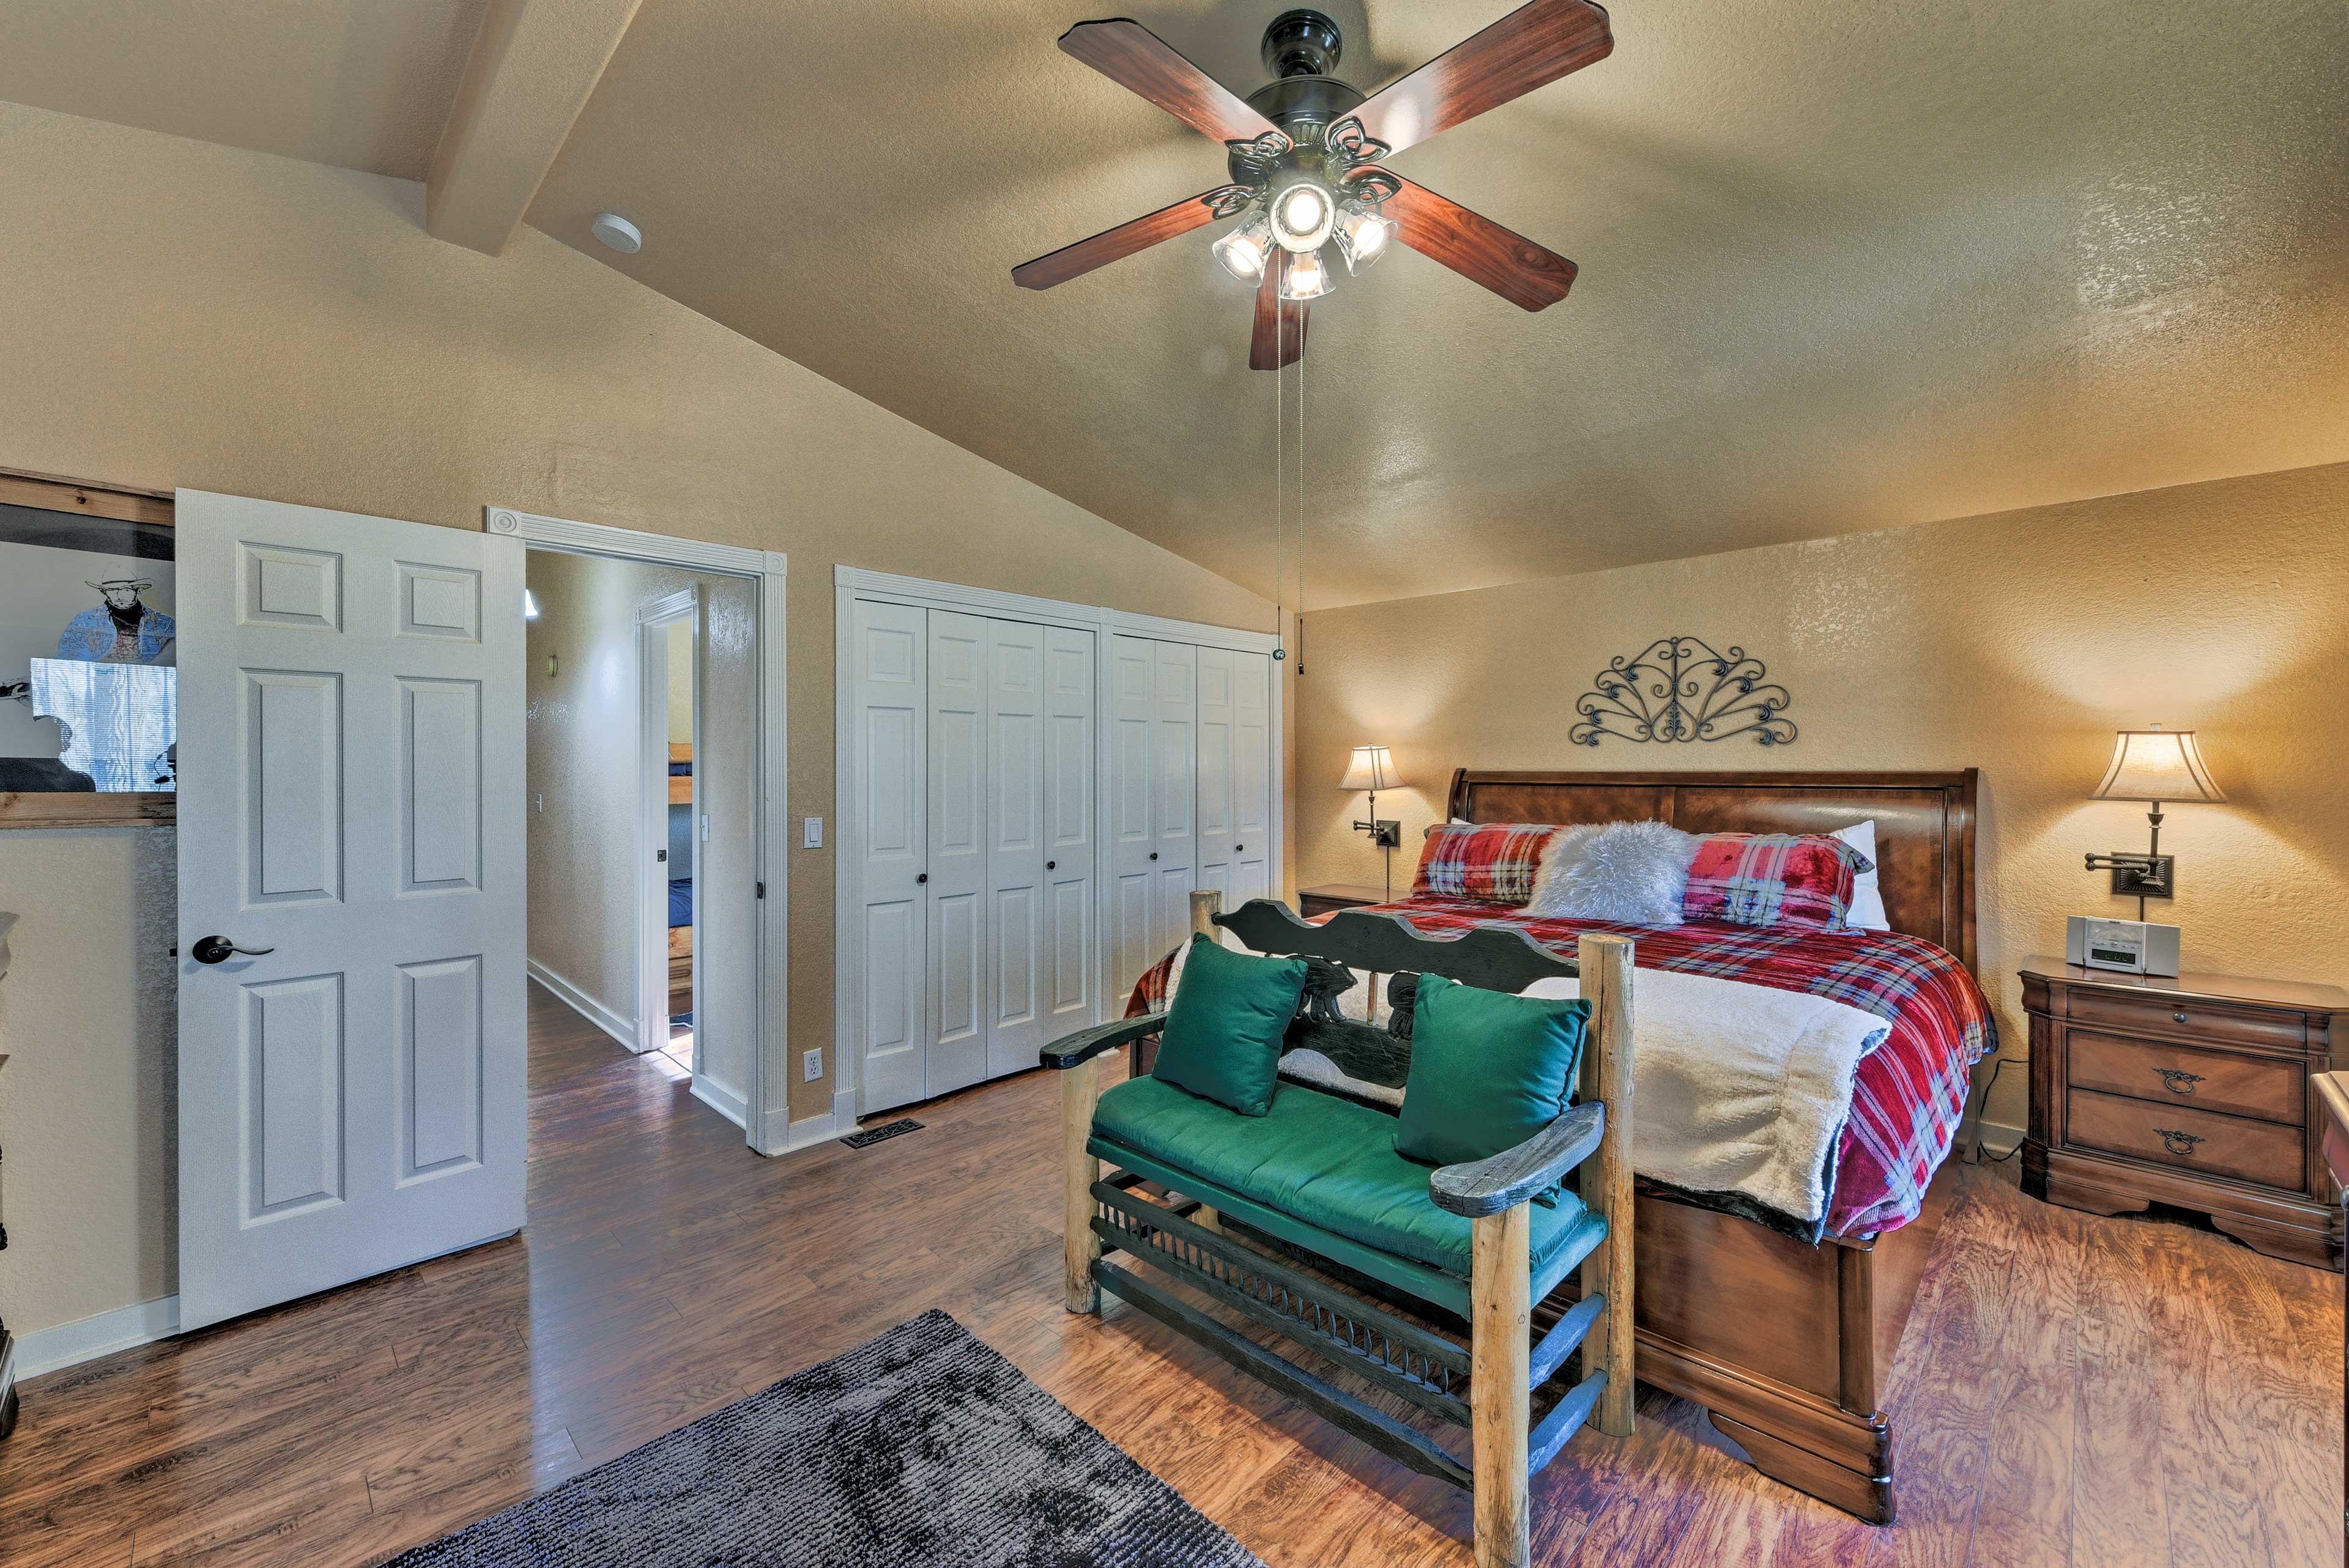 The master bedroom boasts hardwood floors & ample closet space.